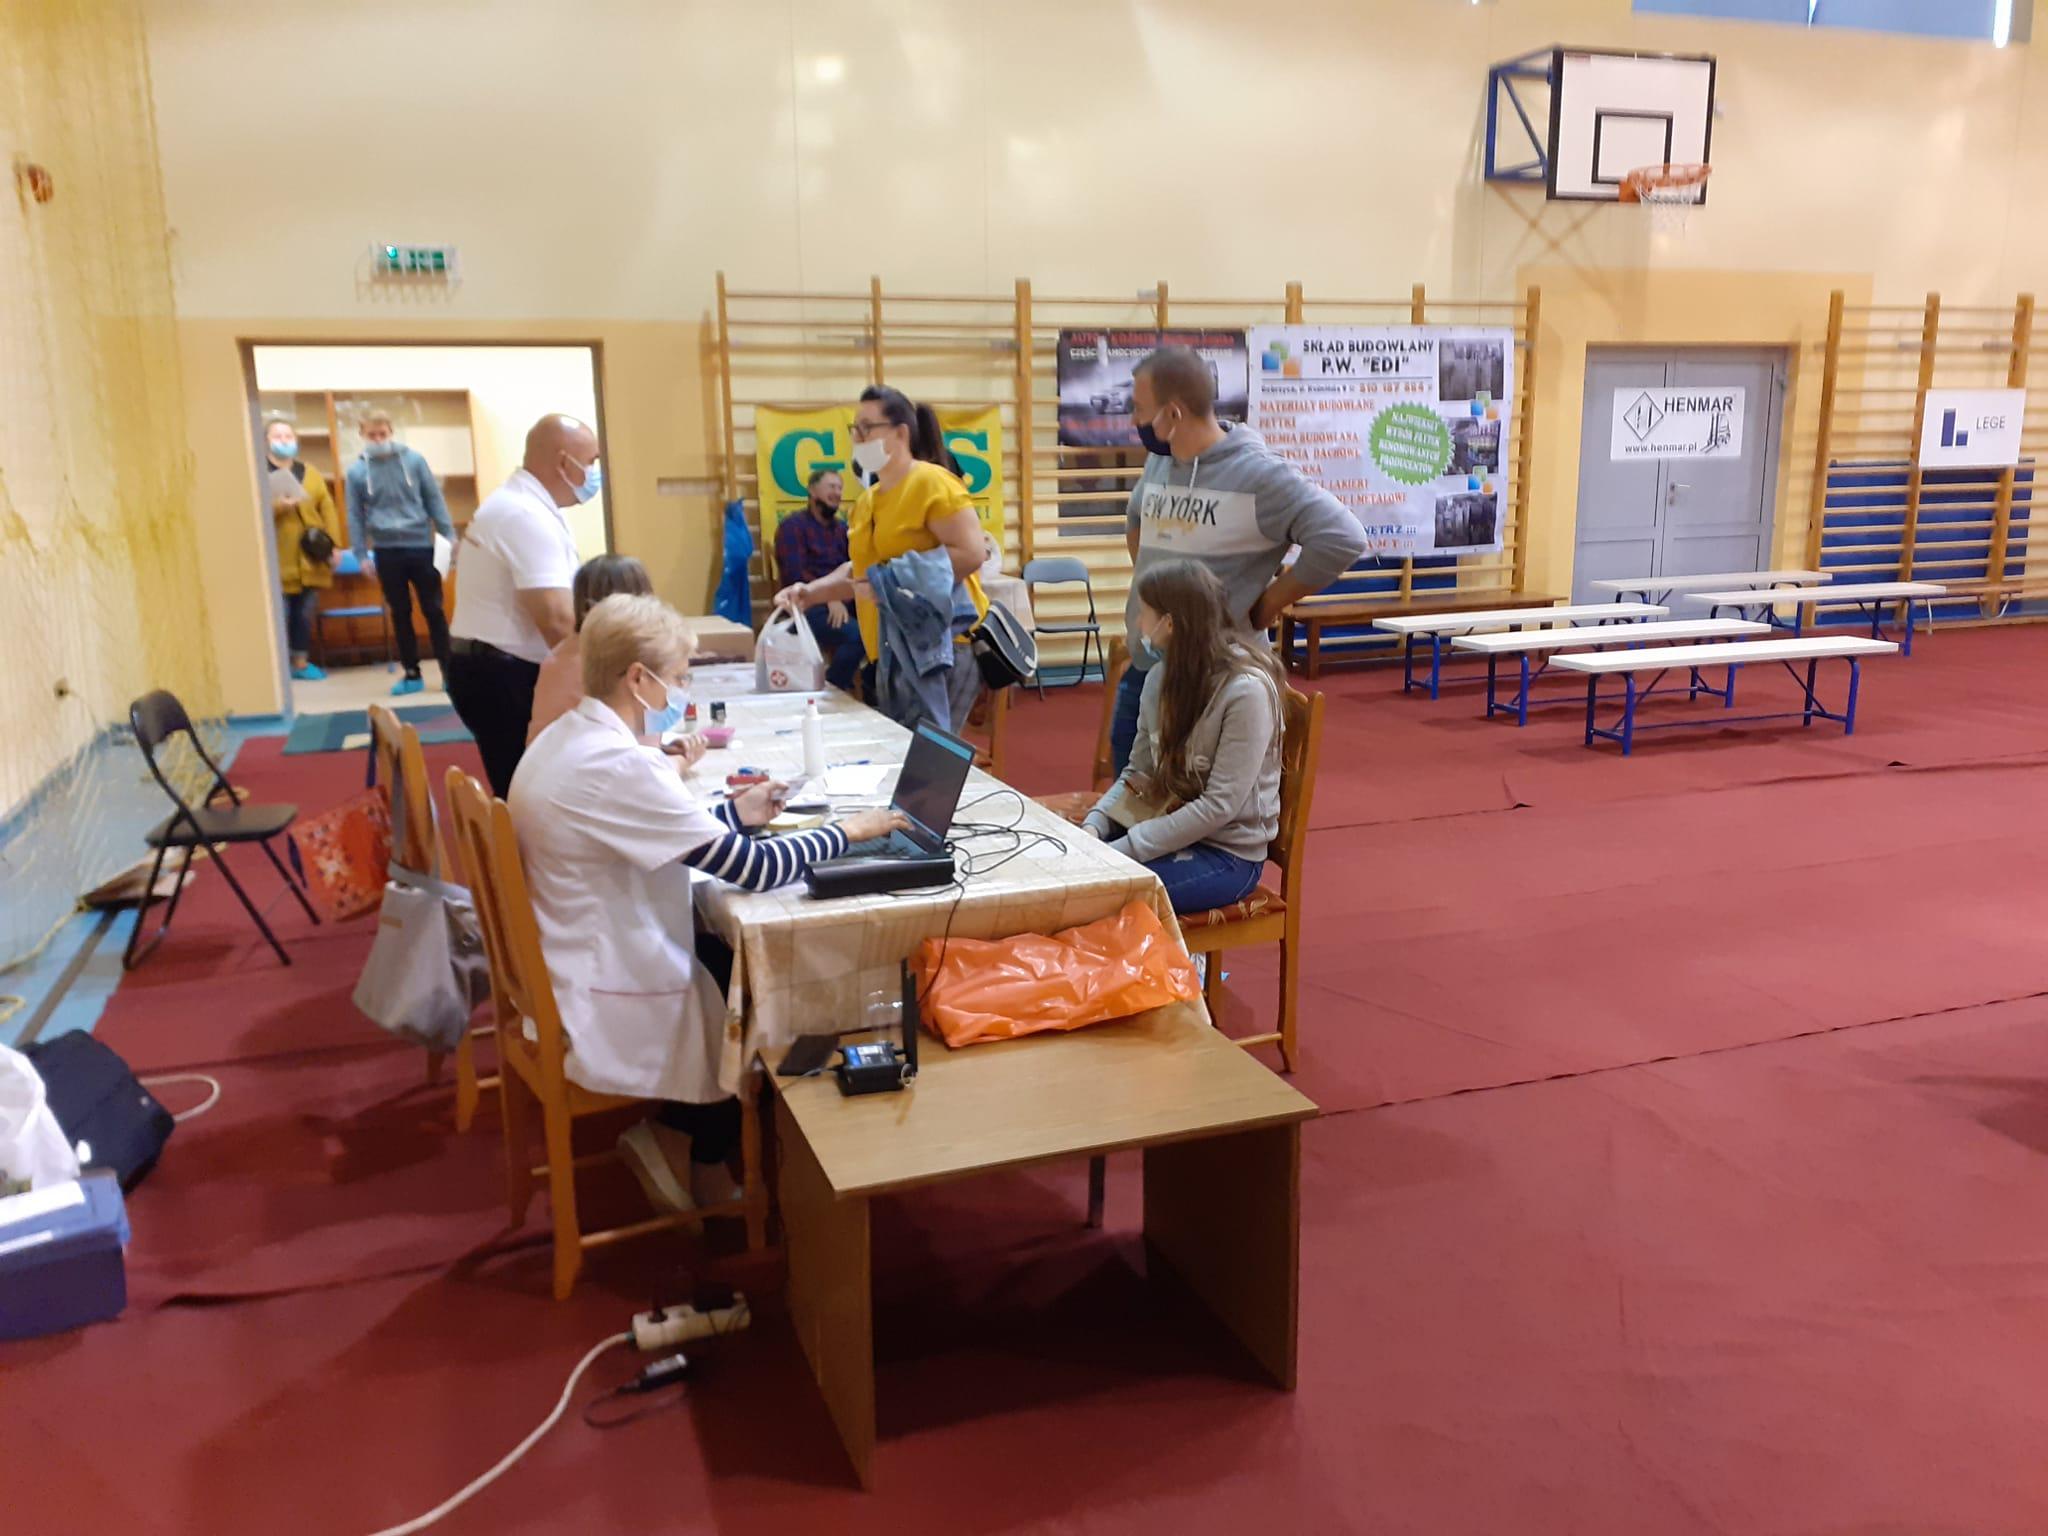 Akcja poboru krwi w Koźminie Wlkp. [ZDJĘCIA] - Zdjęcie główne